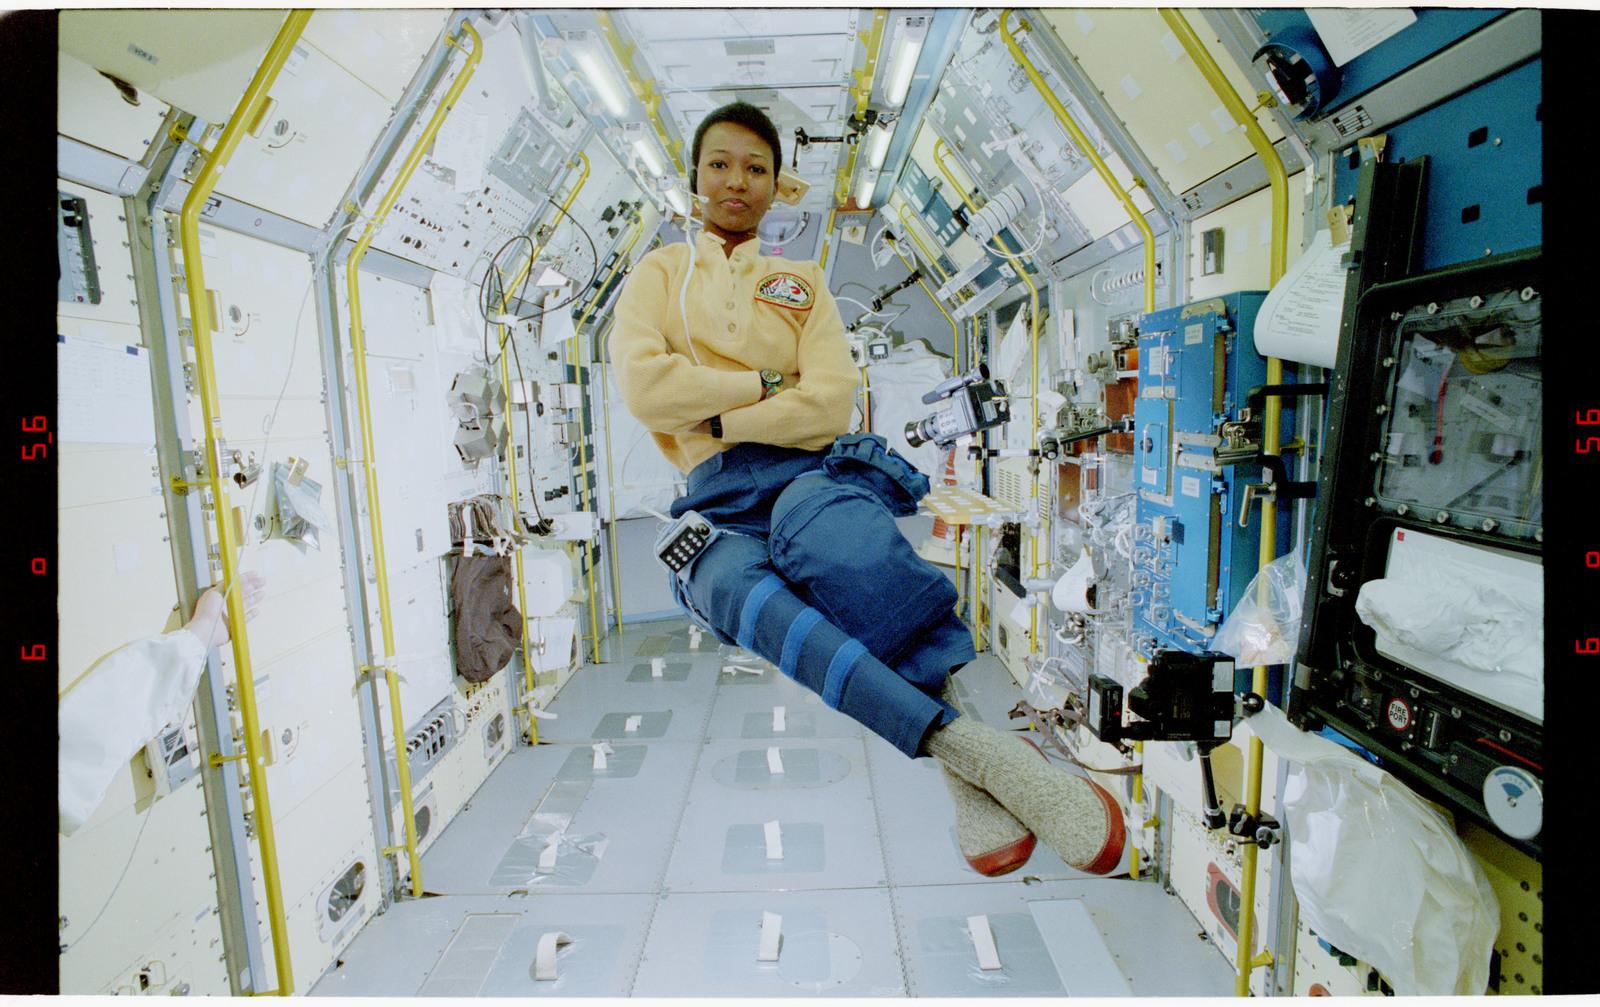 S47-37-004 - STS-047 - MS Mae Jemison in SLJ